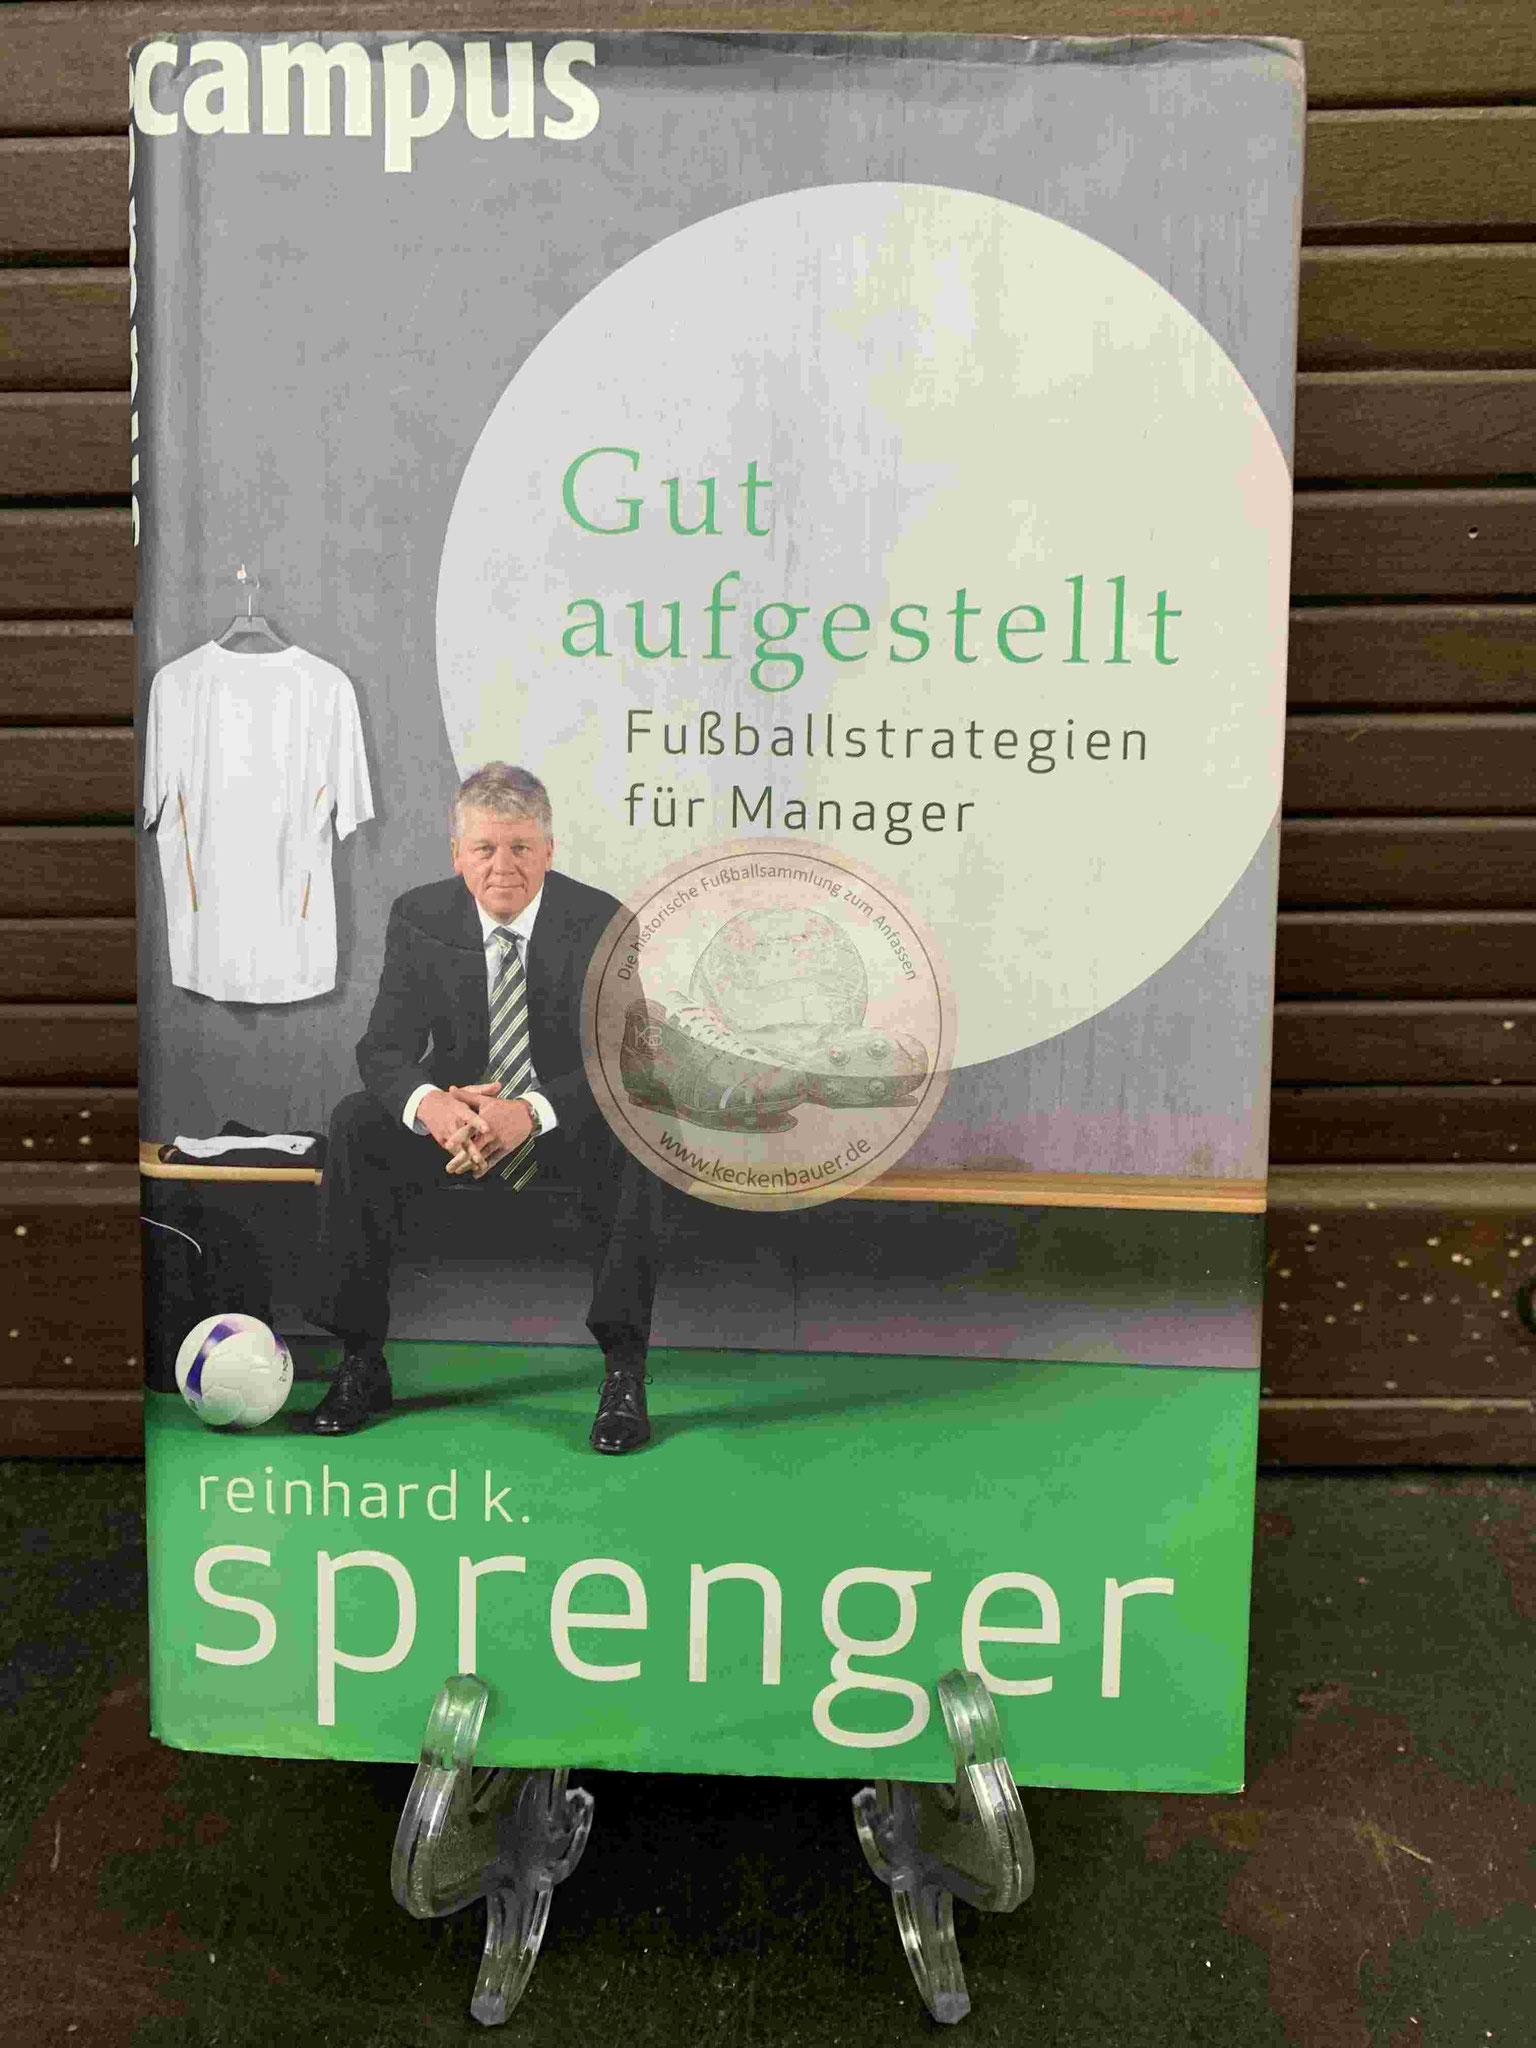 Gut aufgestellt Fußballstrategien für Manager aus dem Jahr 2008